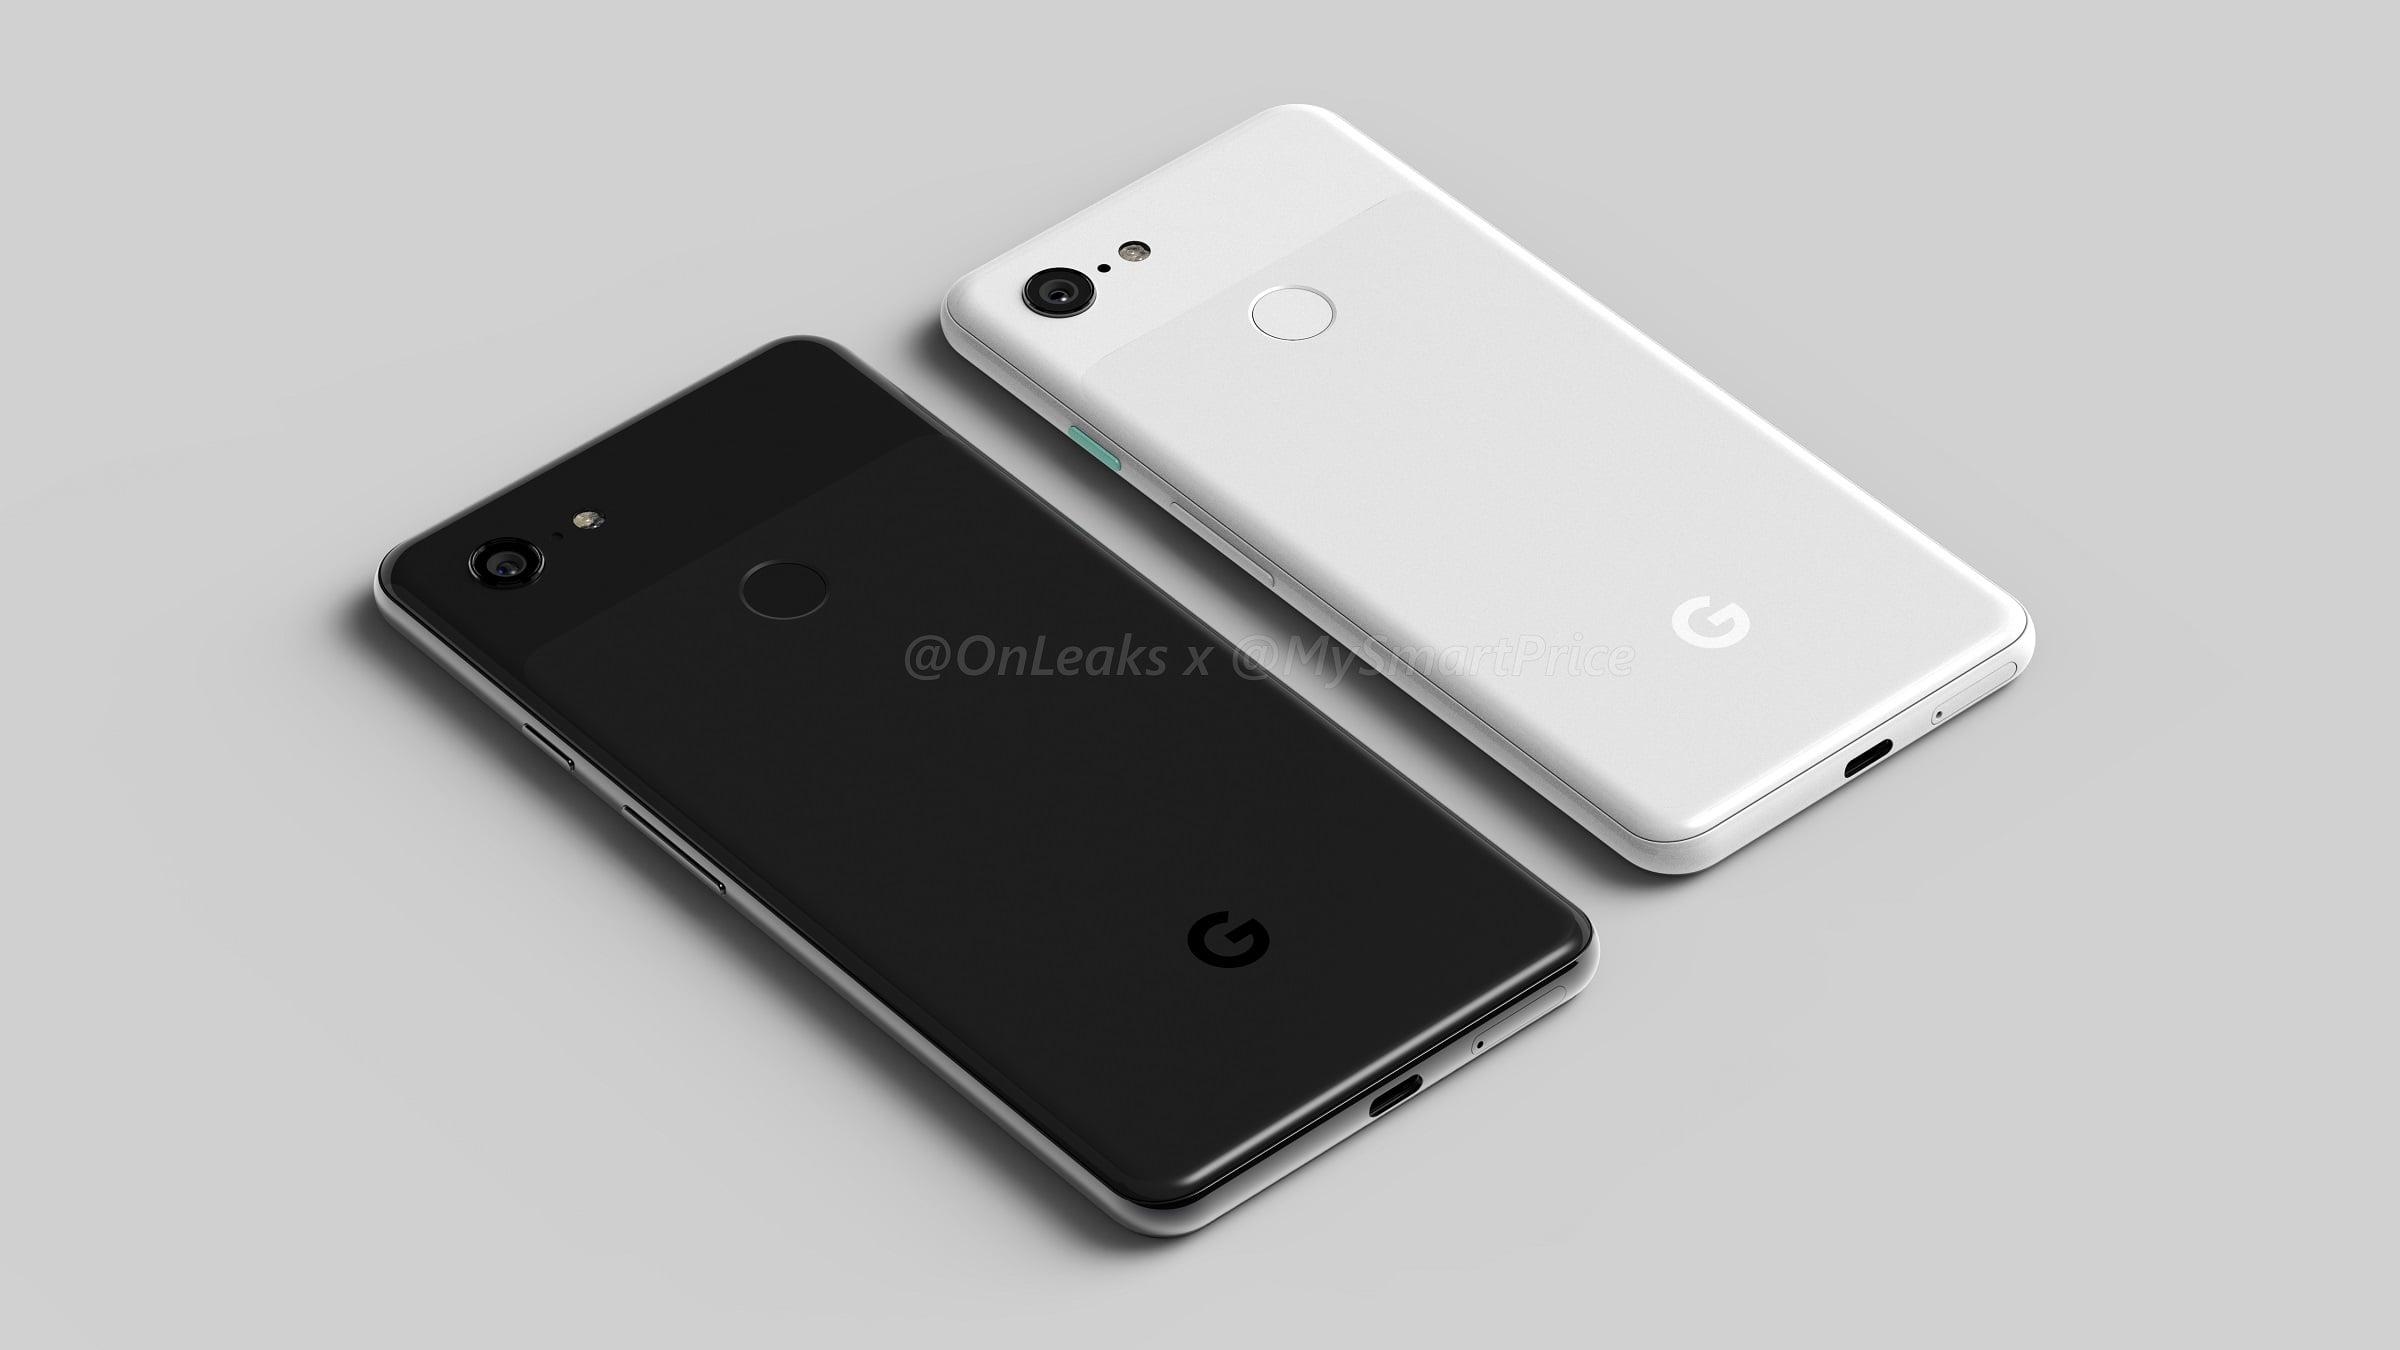 Tabletowo.pl Kolejny wyciek informacji na temat telefonów Google. Pixel 3 i Pixel 3 XL w pełnej krasie Google Nowości